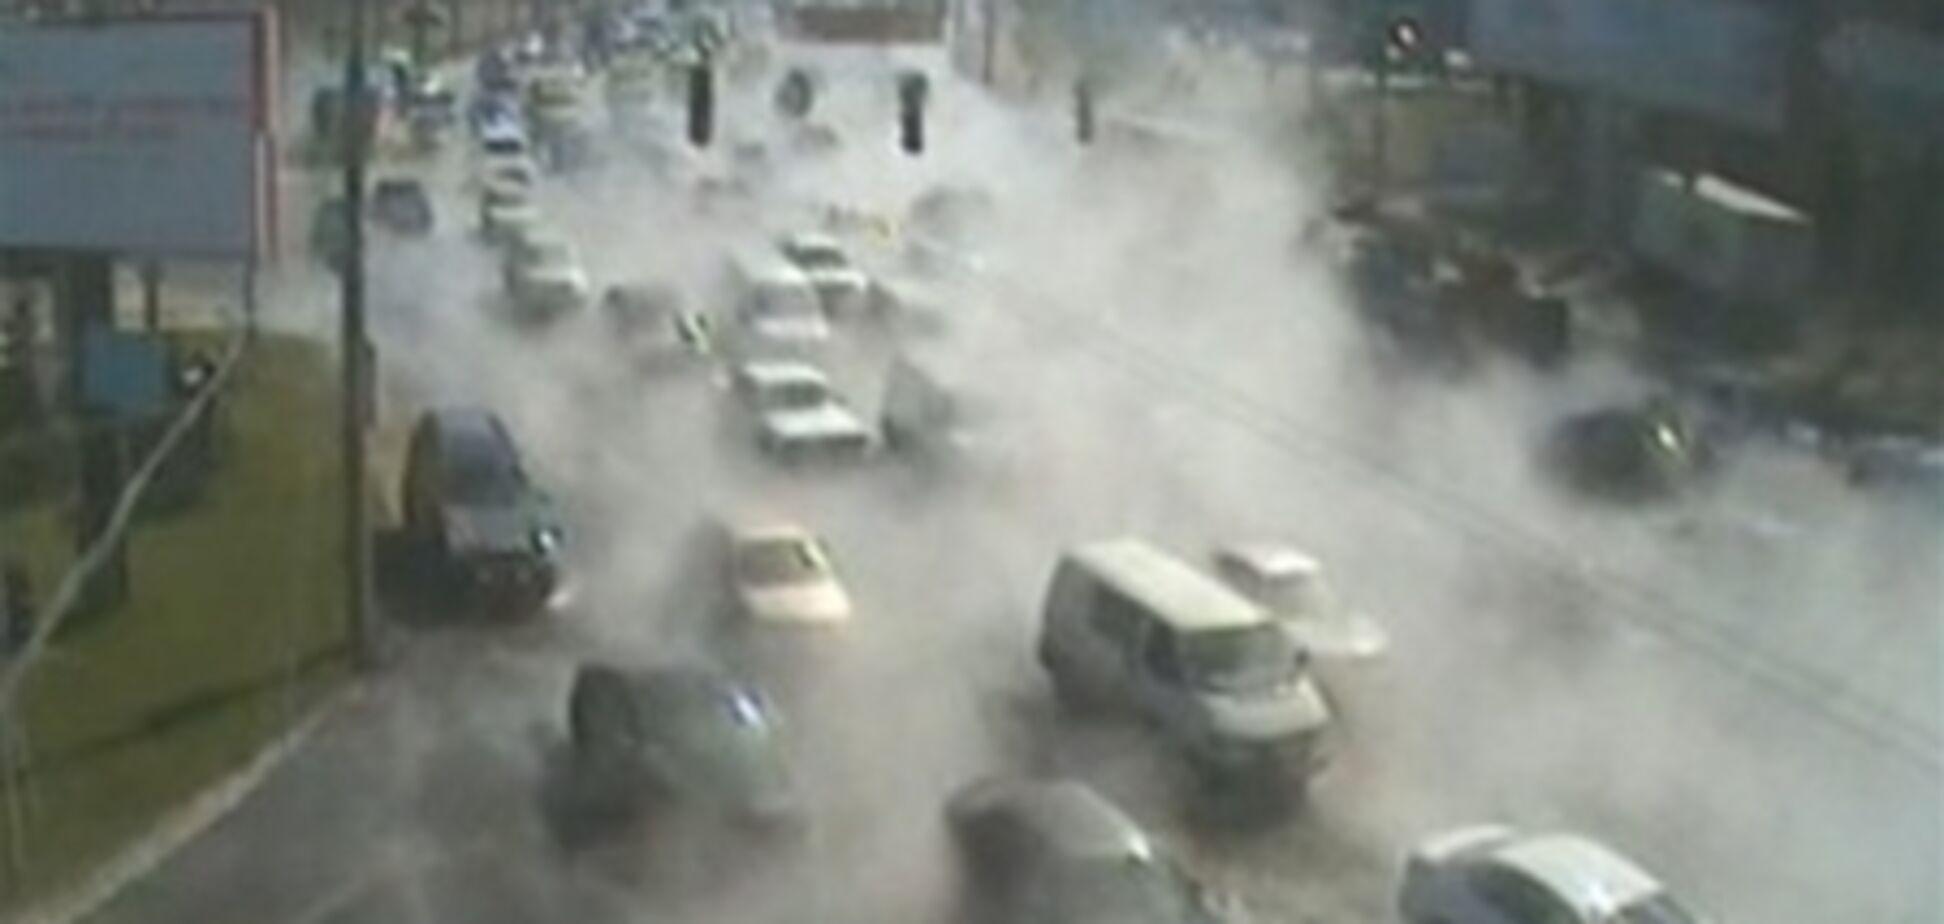 В Киеве прорвало теплотрассу, автомобили смывает кипятком. Видео